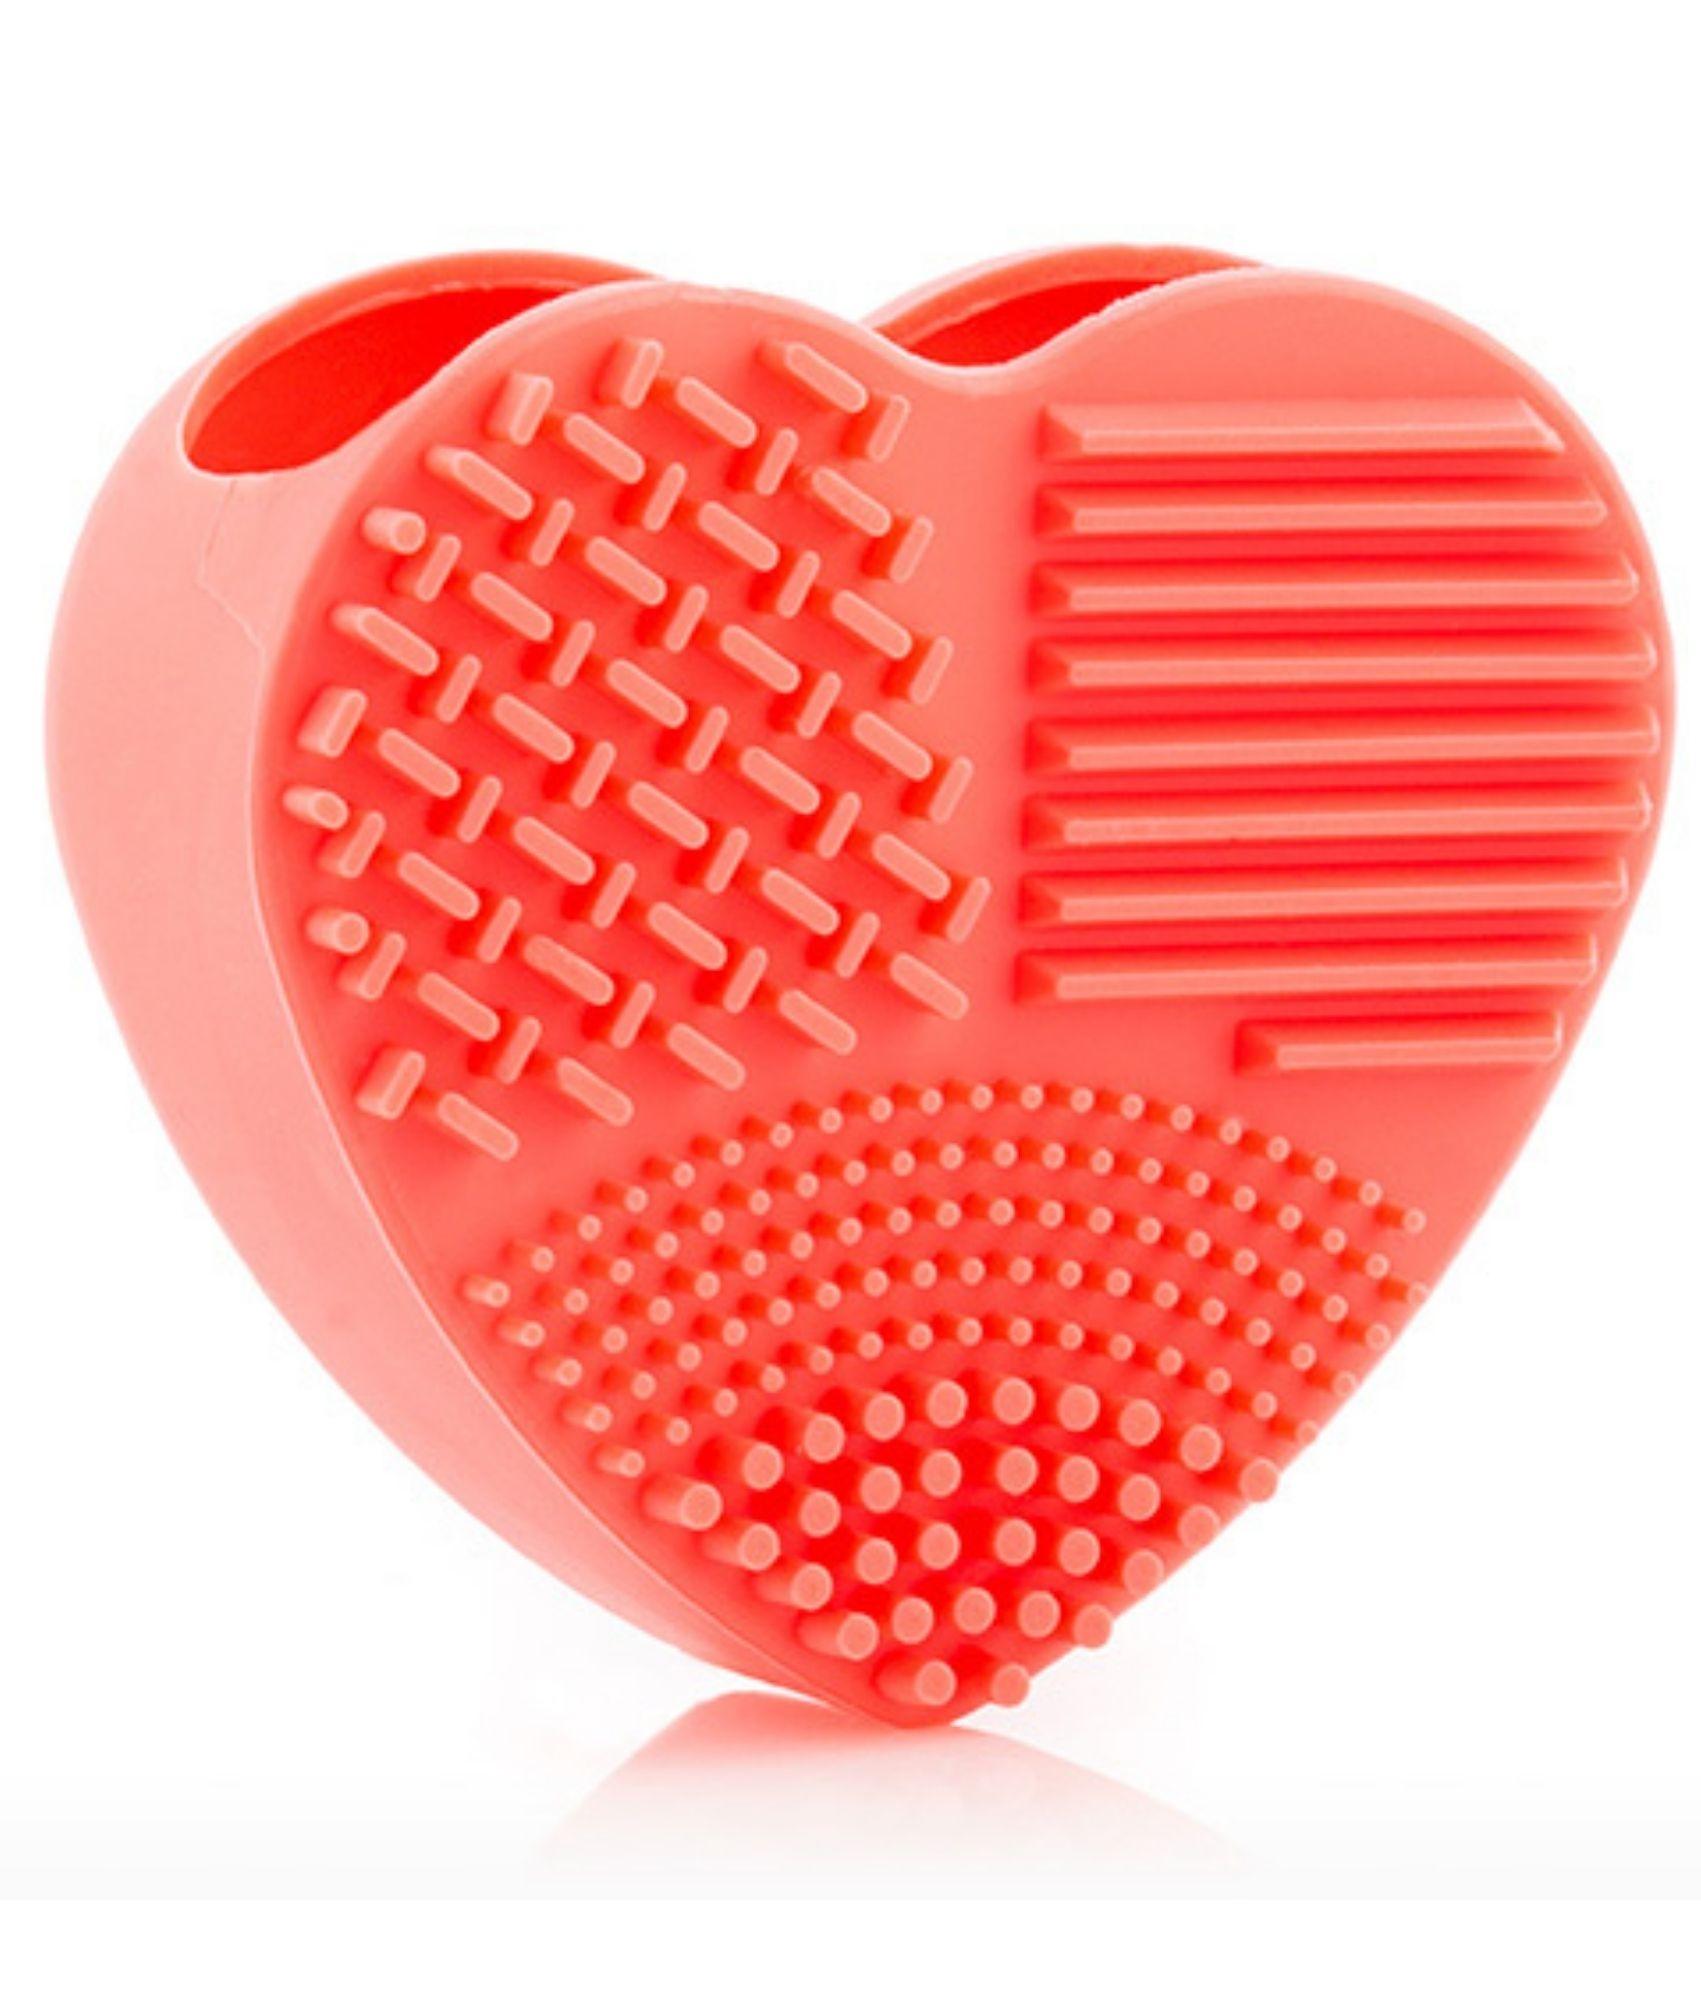 Limpiador de Brochas y Pinceles de Maquillaje Heart